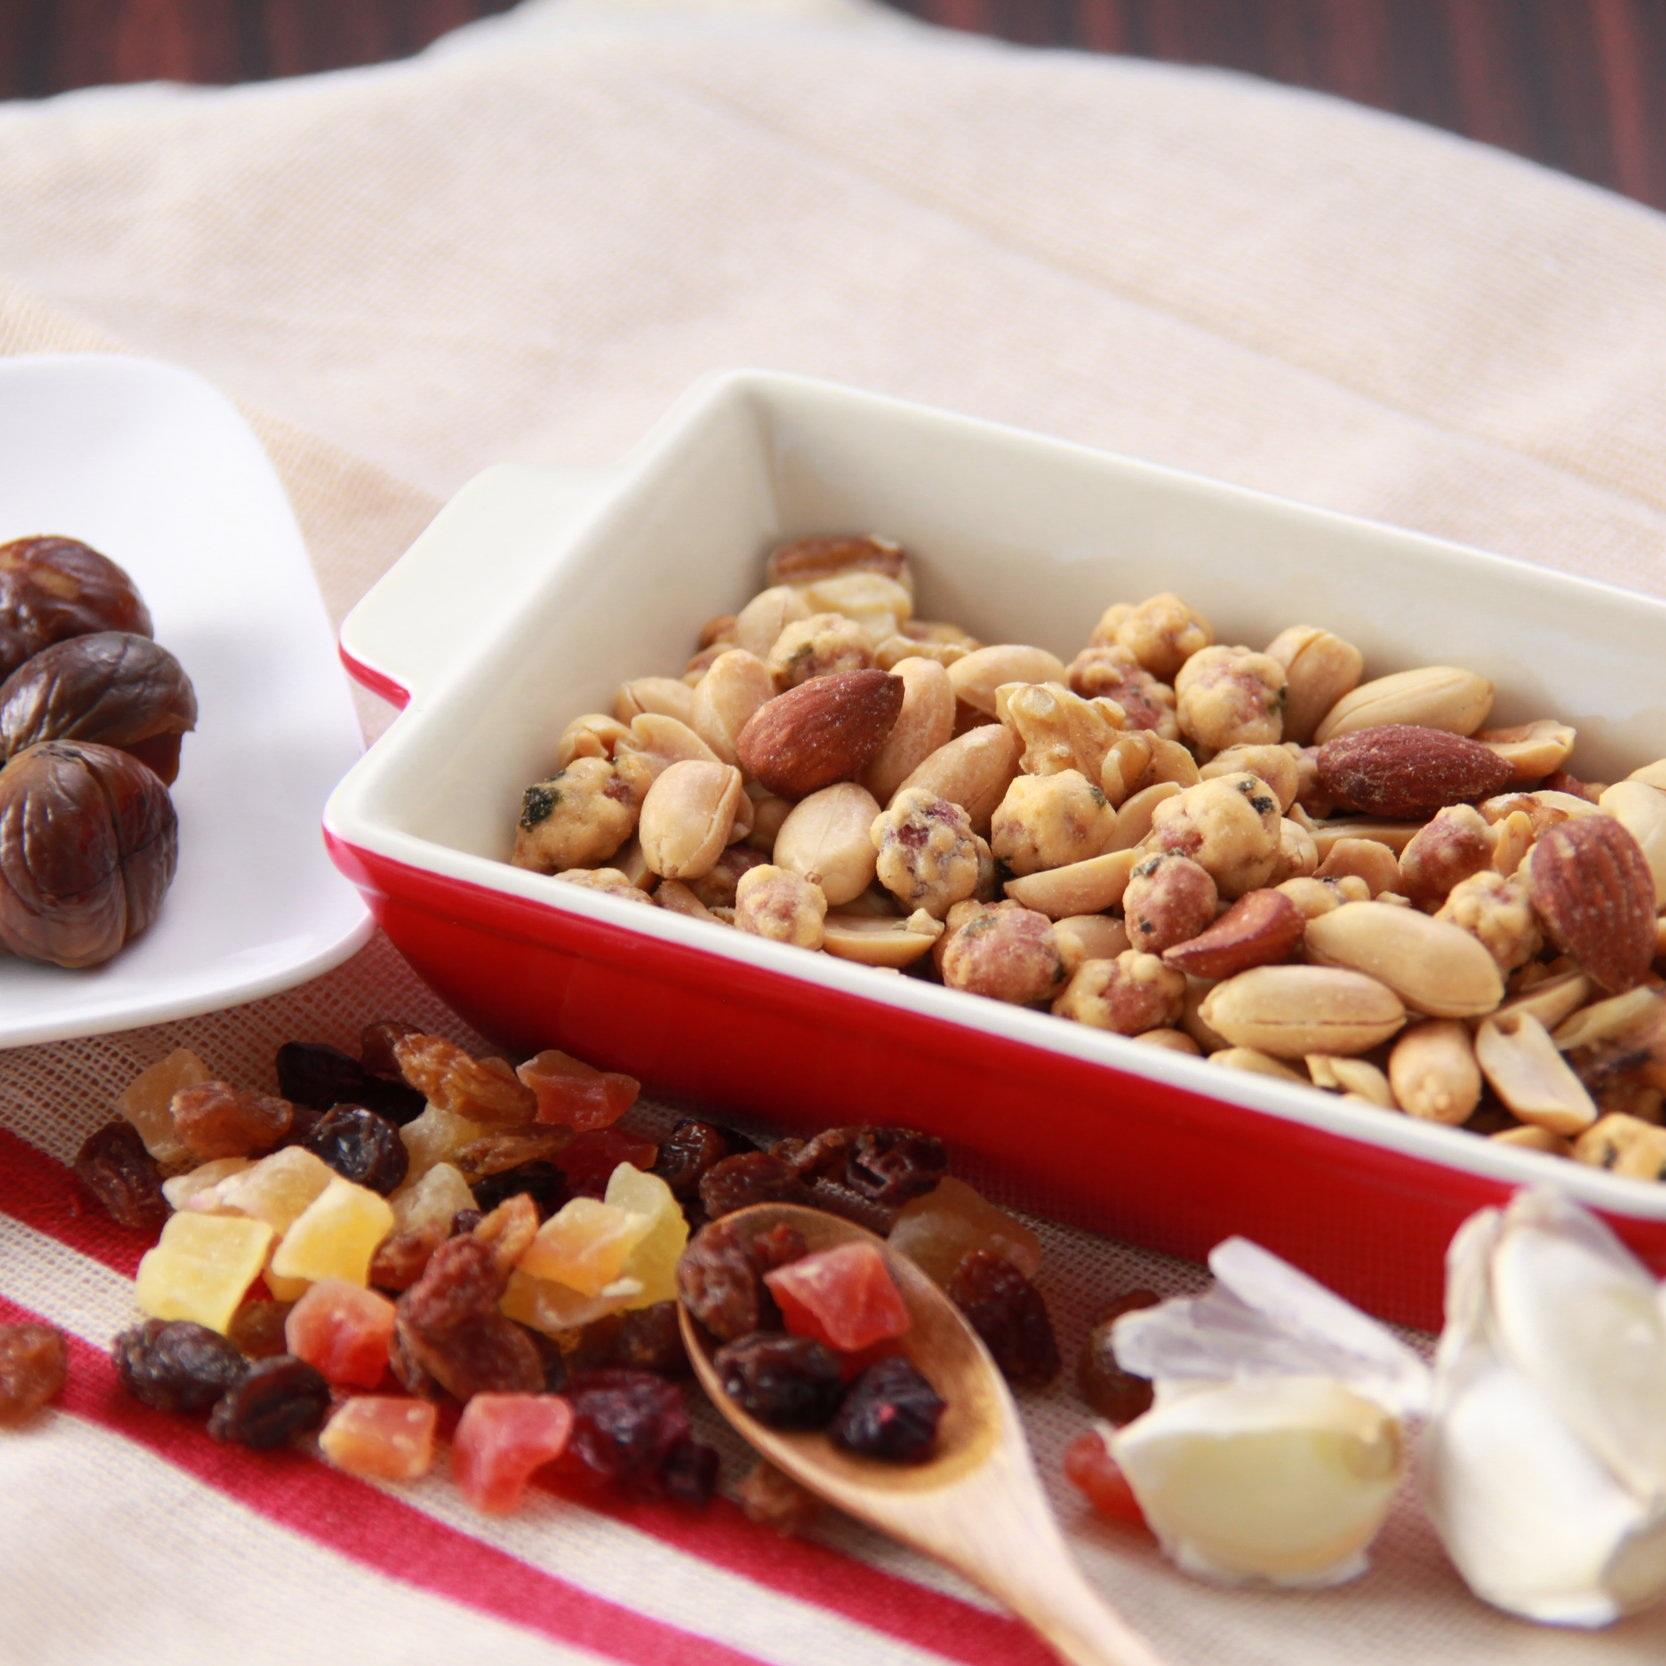 木の実・ドライフルーツ製品 - 江戸屋のコンセプトの1つに、世界の美味しい珍味を日本全国にお届けするということがあります。まさに、木の実・ドライフルーツ類はその典型です。主に海外での生産量が多いものを、お客様にお買い求めいただきやすい価格でお届けしています。もちろん、味や品質・安全面にもこだわっており、甘栗などは、弊社のスタッフが現地の工場に何度も足を運び、細かなところまでチェックしています。